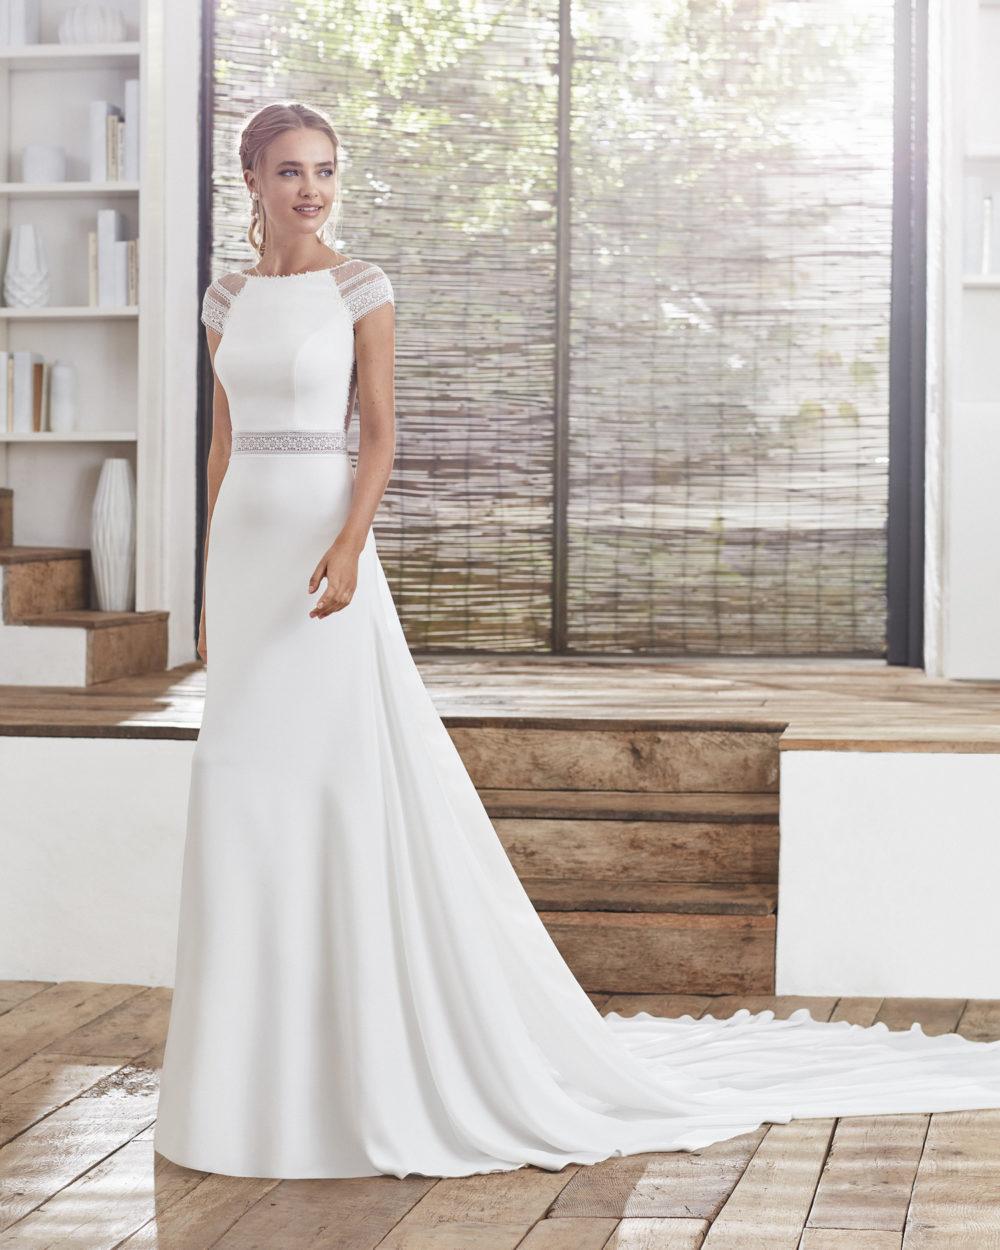 Mariages: abito da sposa Rosa Clarà 2020 a Vicenza, Verona, Padova, Veneto 4A207 CAELI